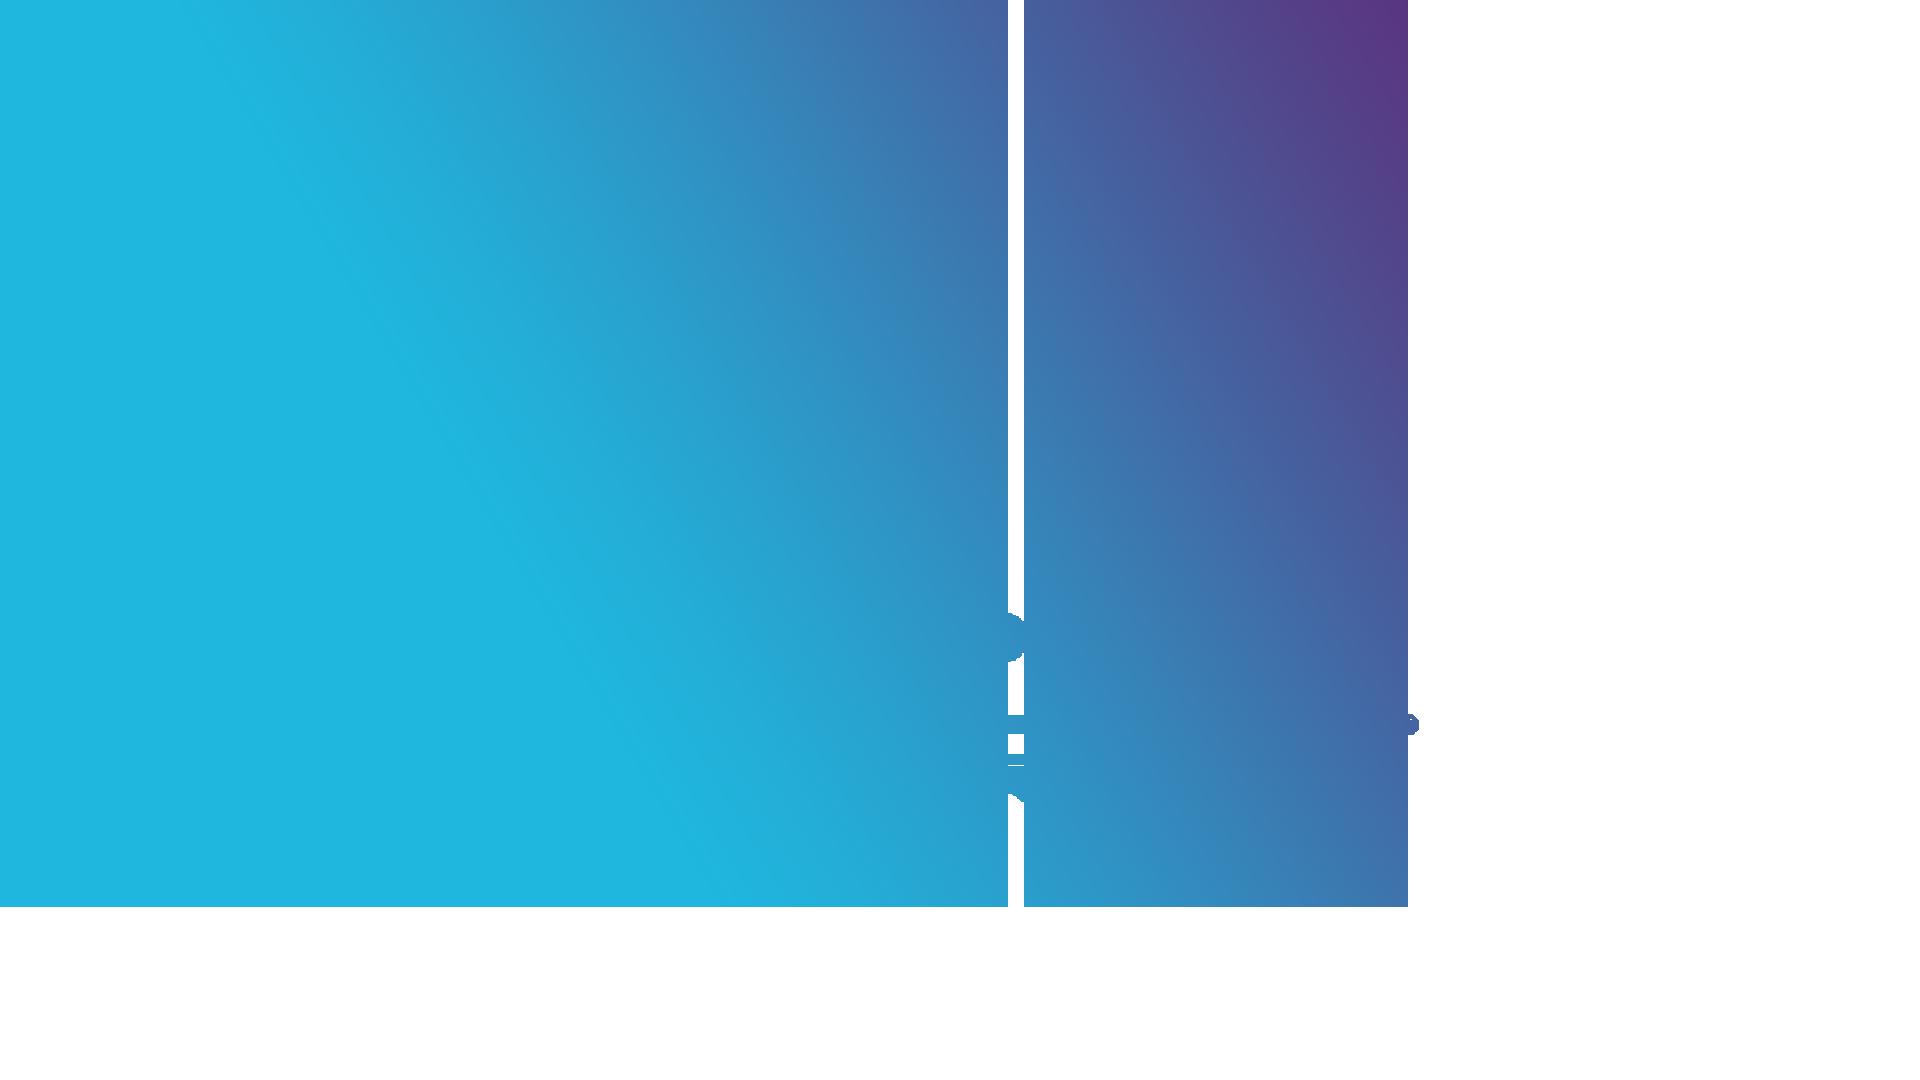 electricien-electricite generale-reseaux informatiques-controle d'acces-systemes d'alarme-installation electrique-entreprise d'electricite